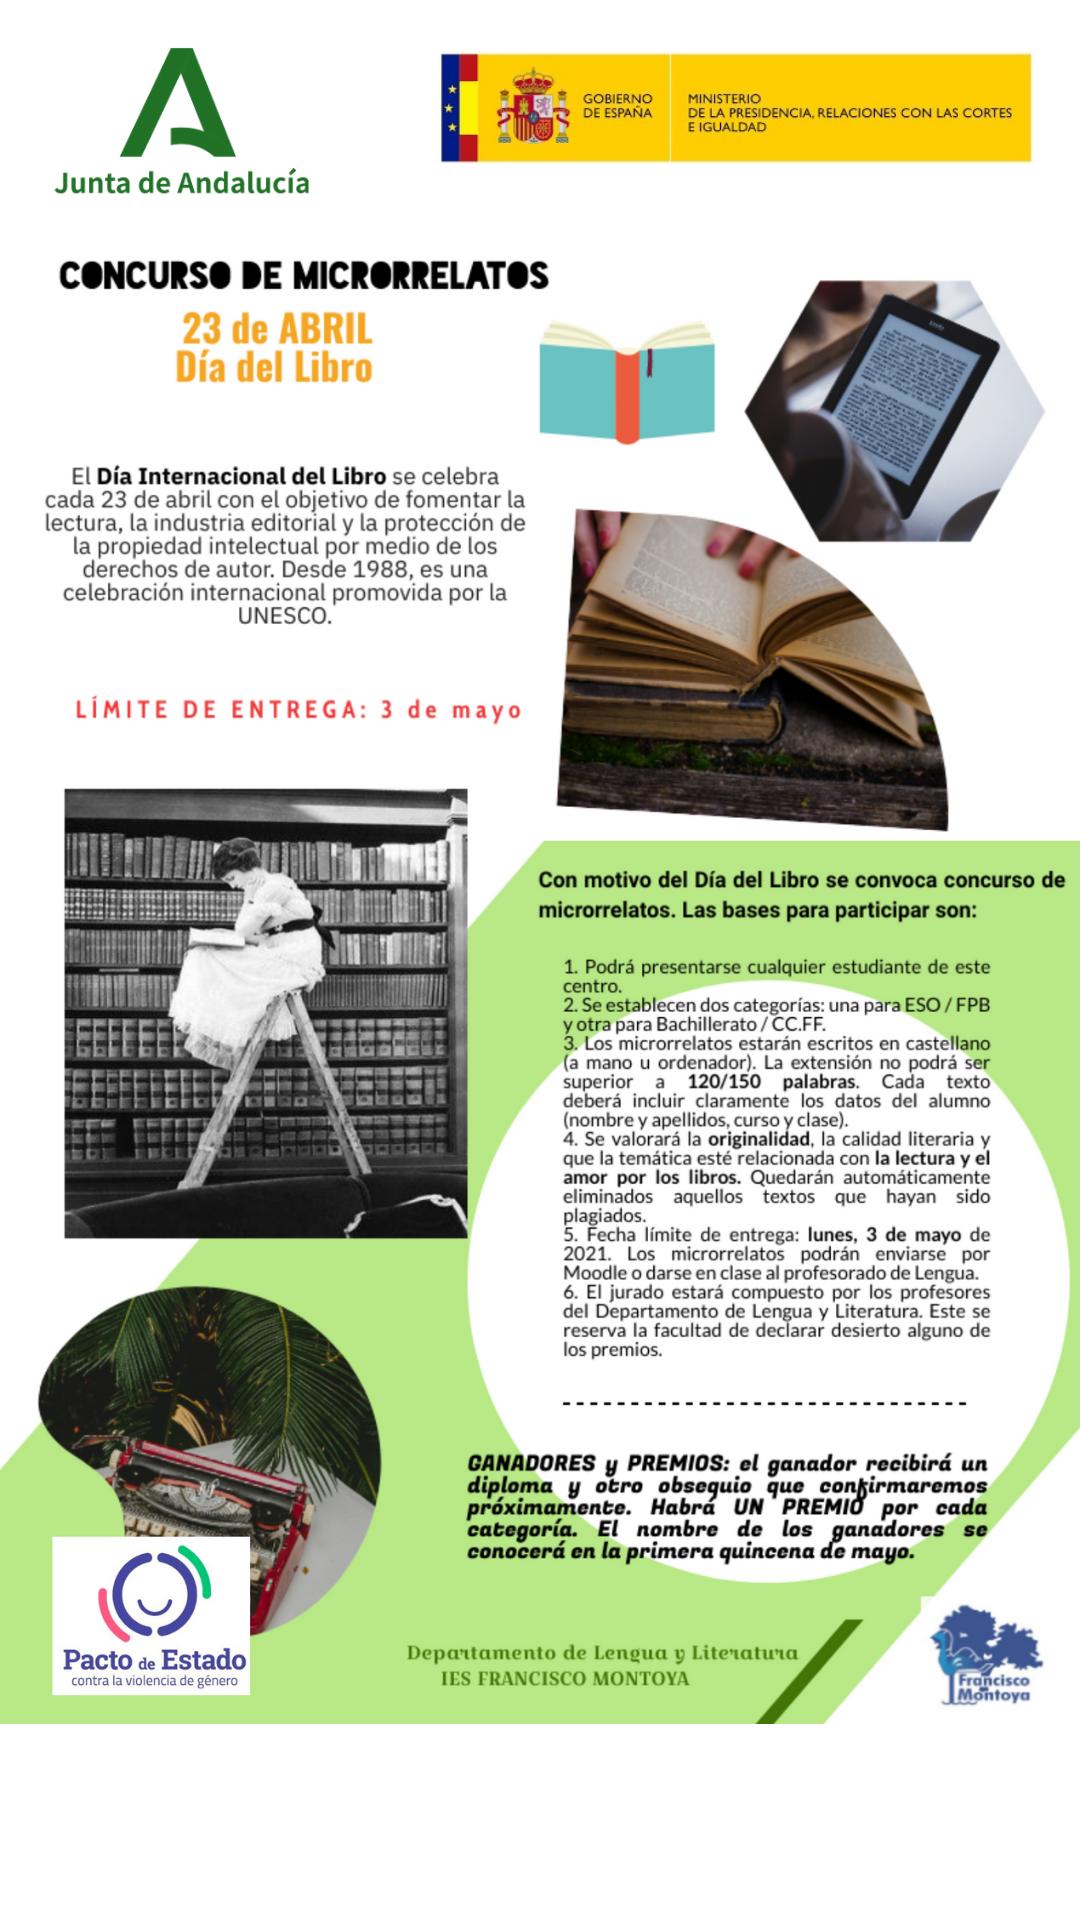 Concurso de Microrrelatos: La Lectura, el Amor a los libros